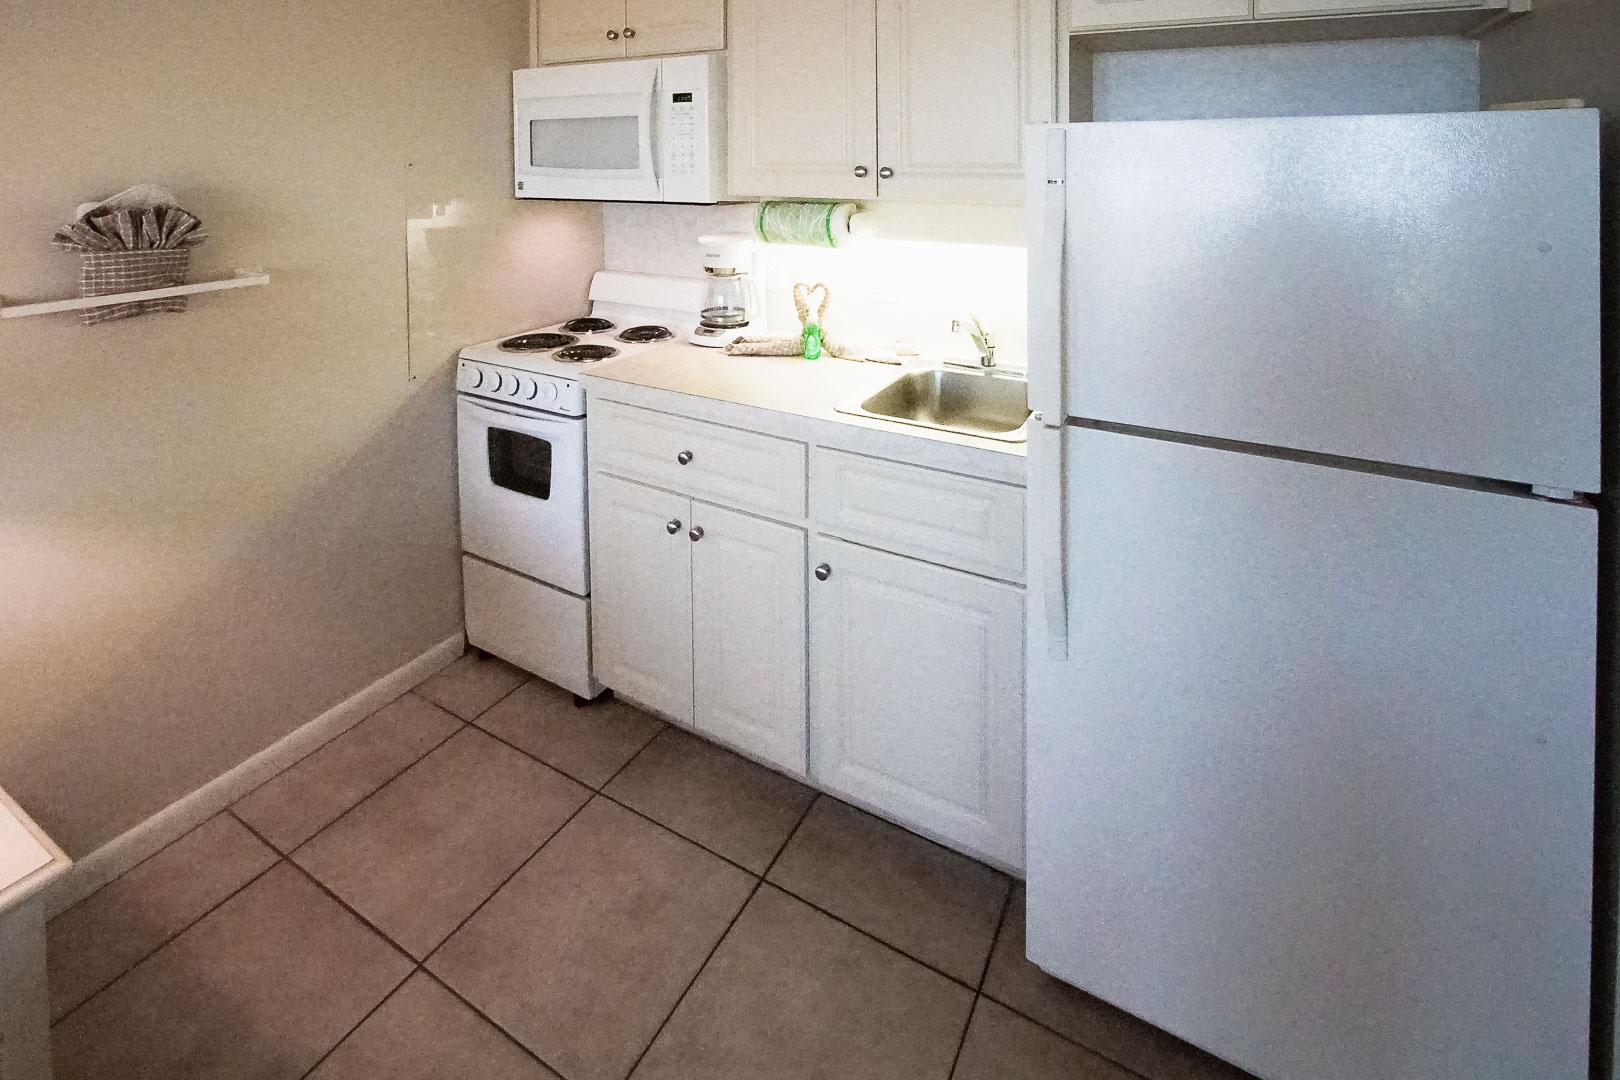 Bonita Resort Club Unit Interior - Kitchen